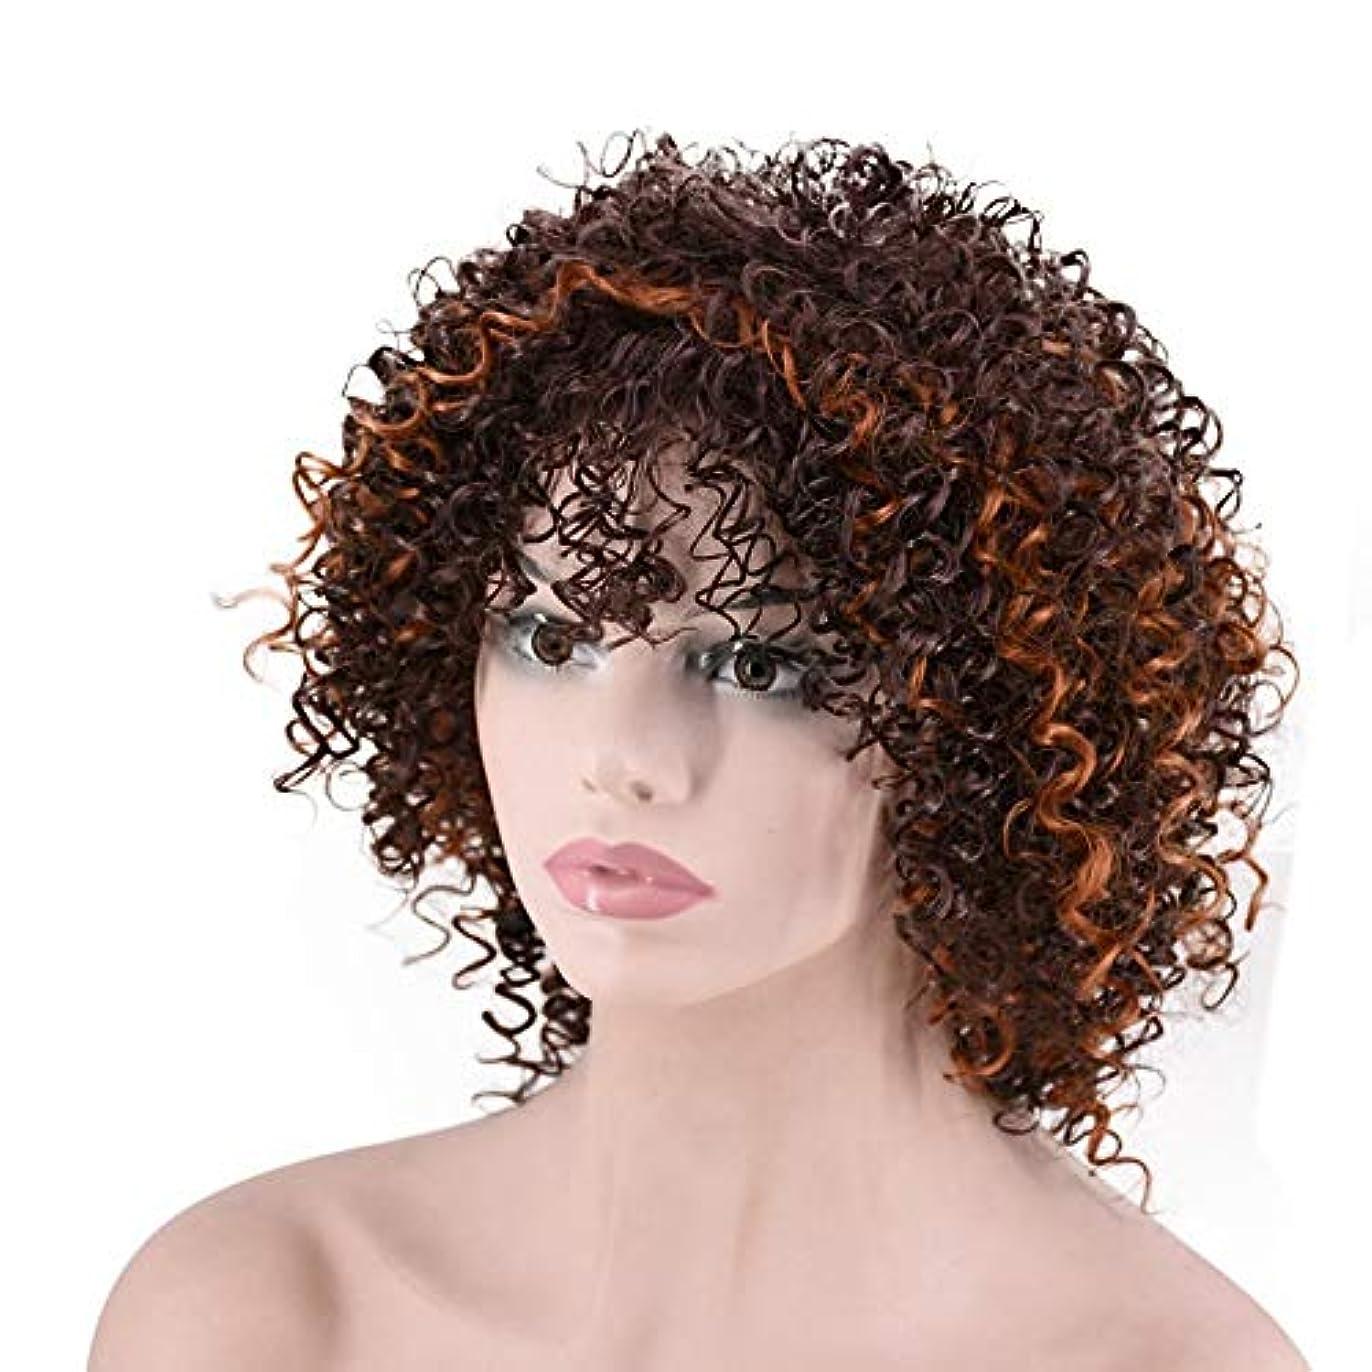 流出質素なジョージハンブリーYOUQIU 女性のデイリードレスウィッグのための短い波状カーリーヘアブラウン熱金庫人工毛 (色 : Photo Color)